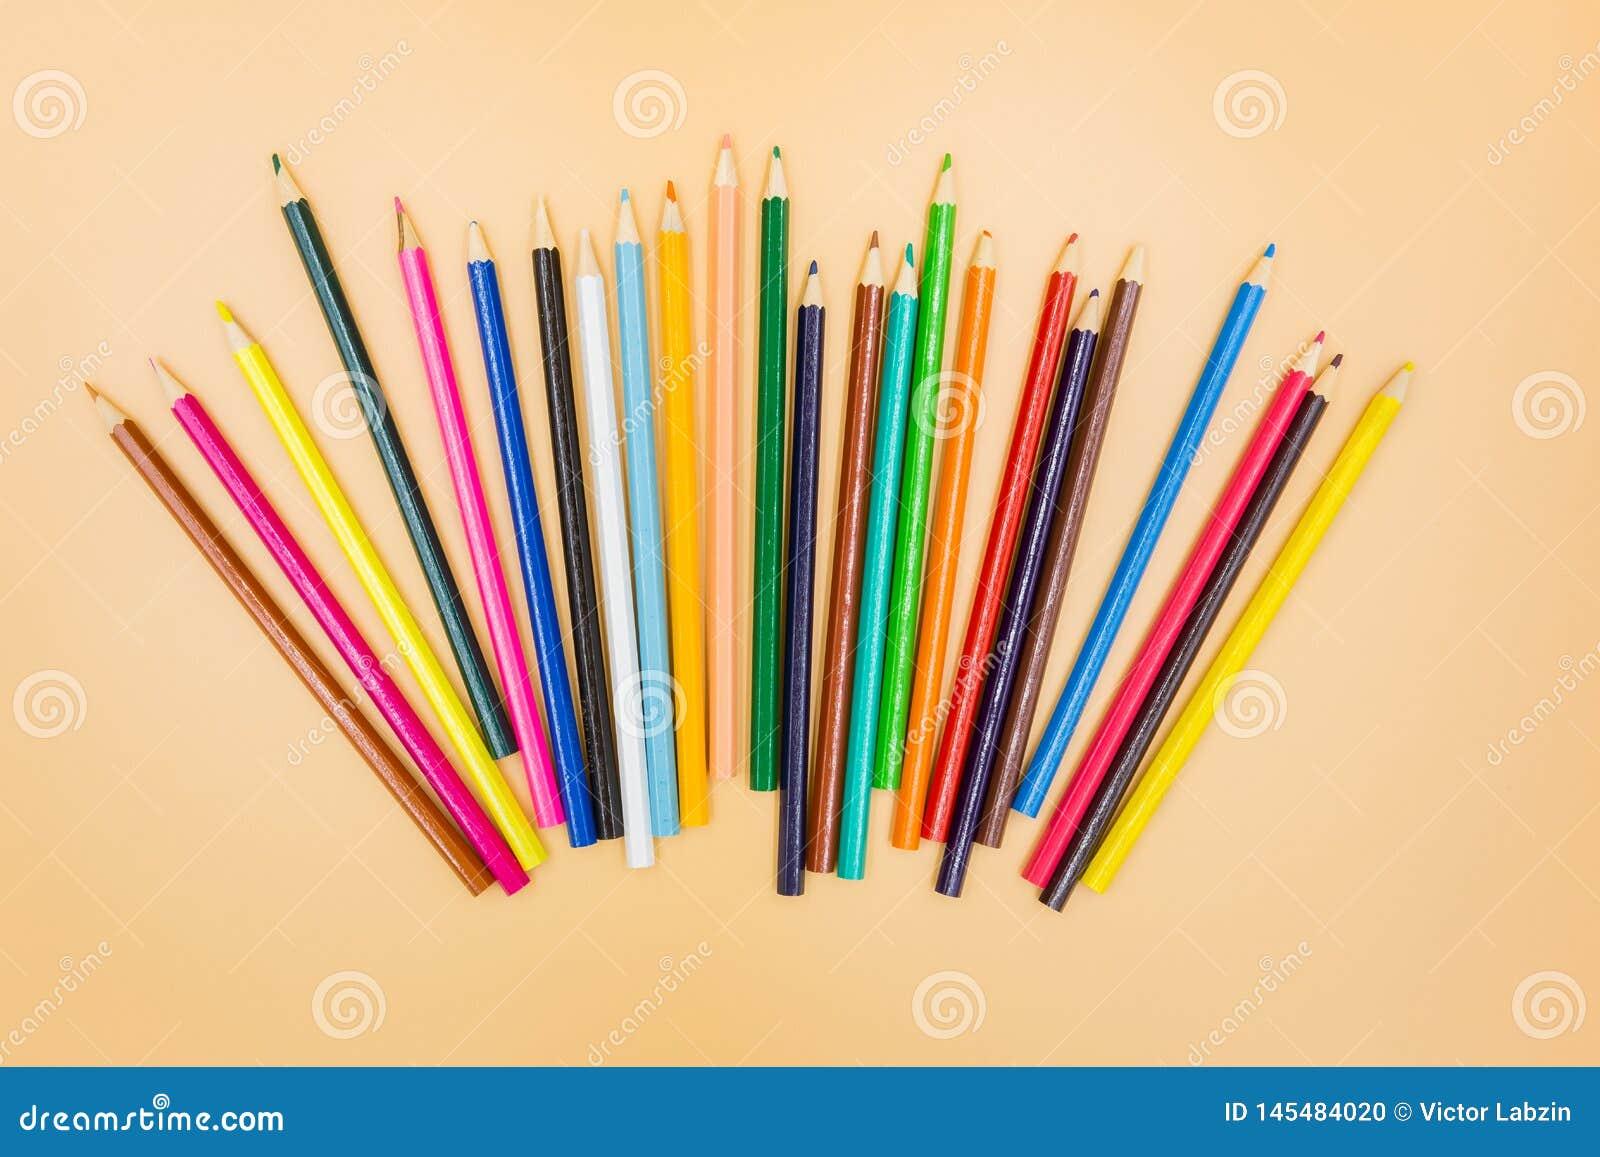 Lápis coloridos em um fundo bege